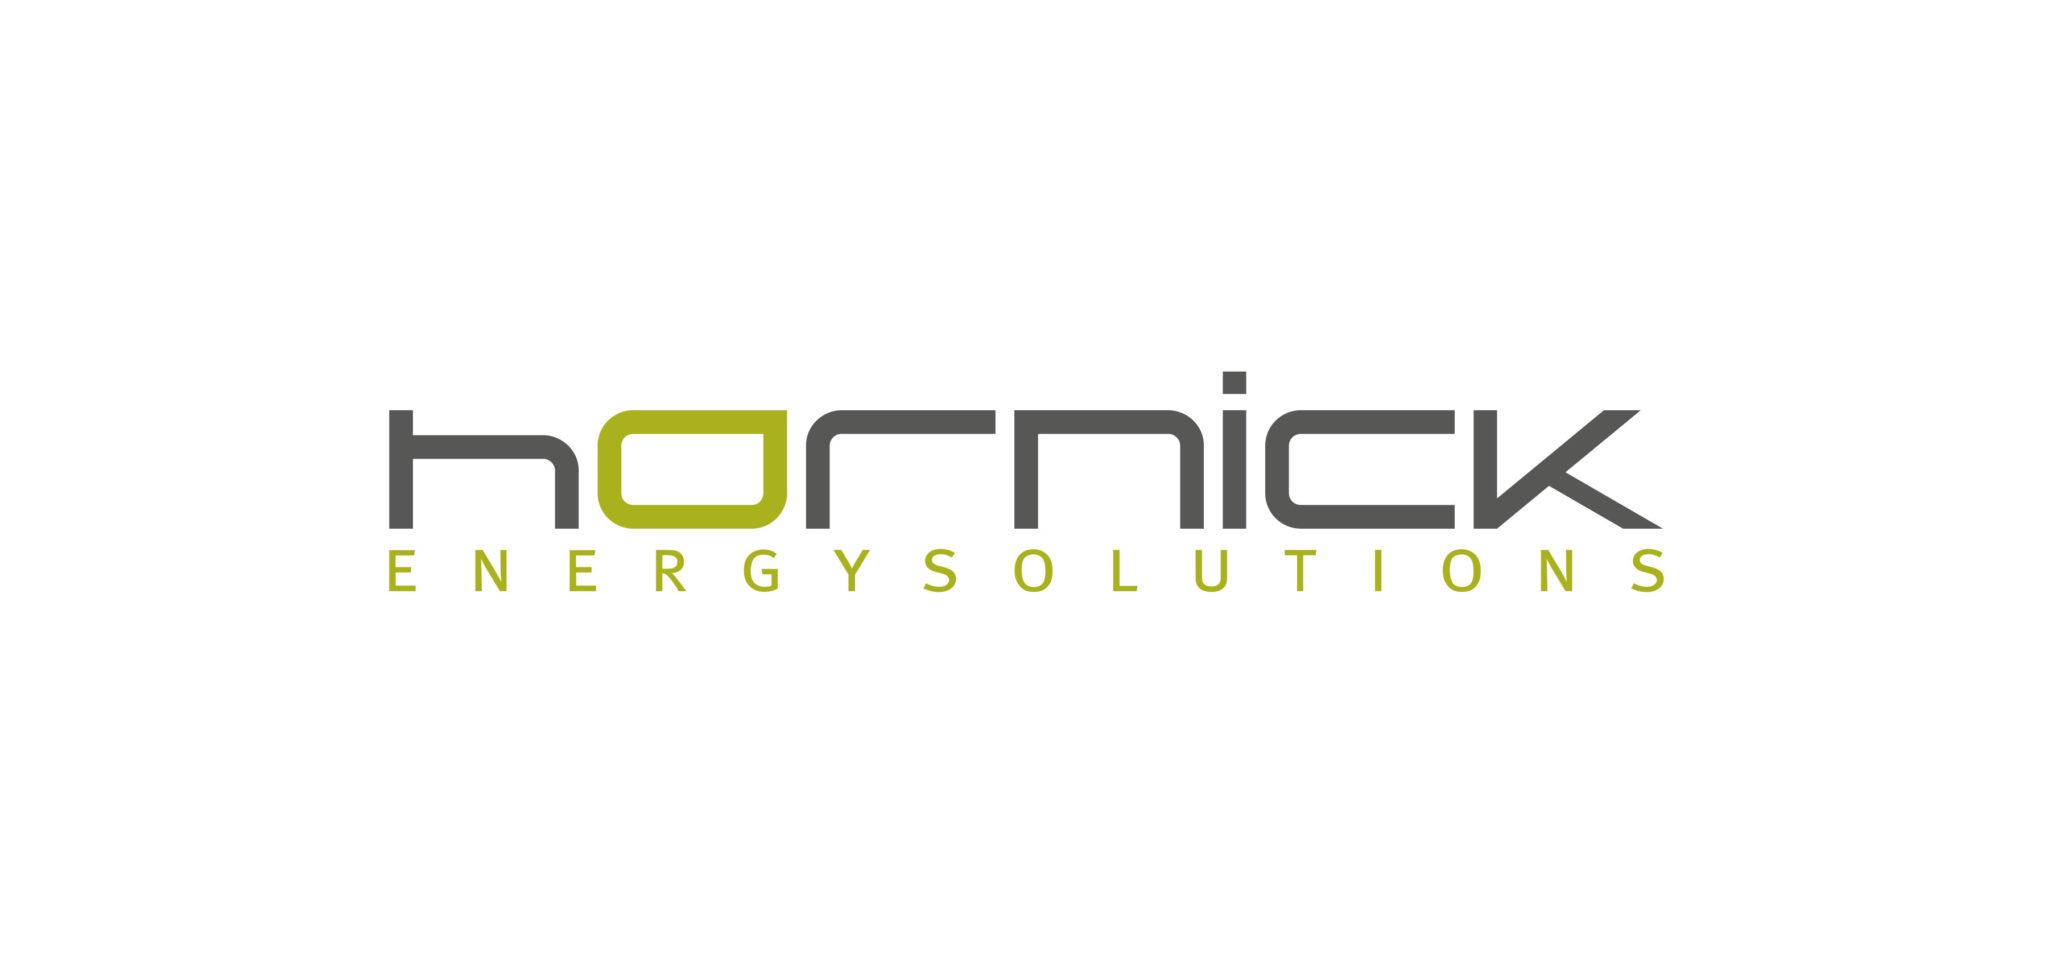 hornick_Logo01